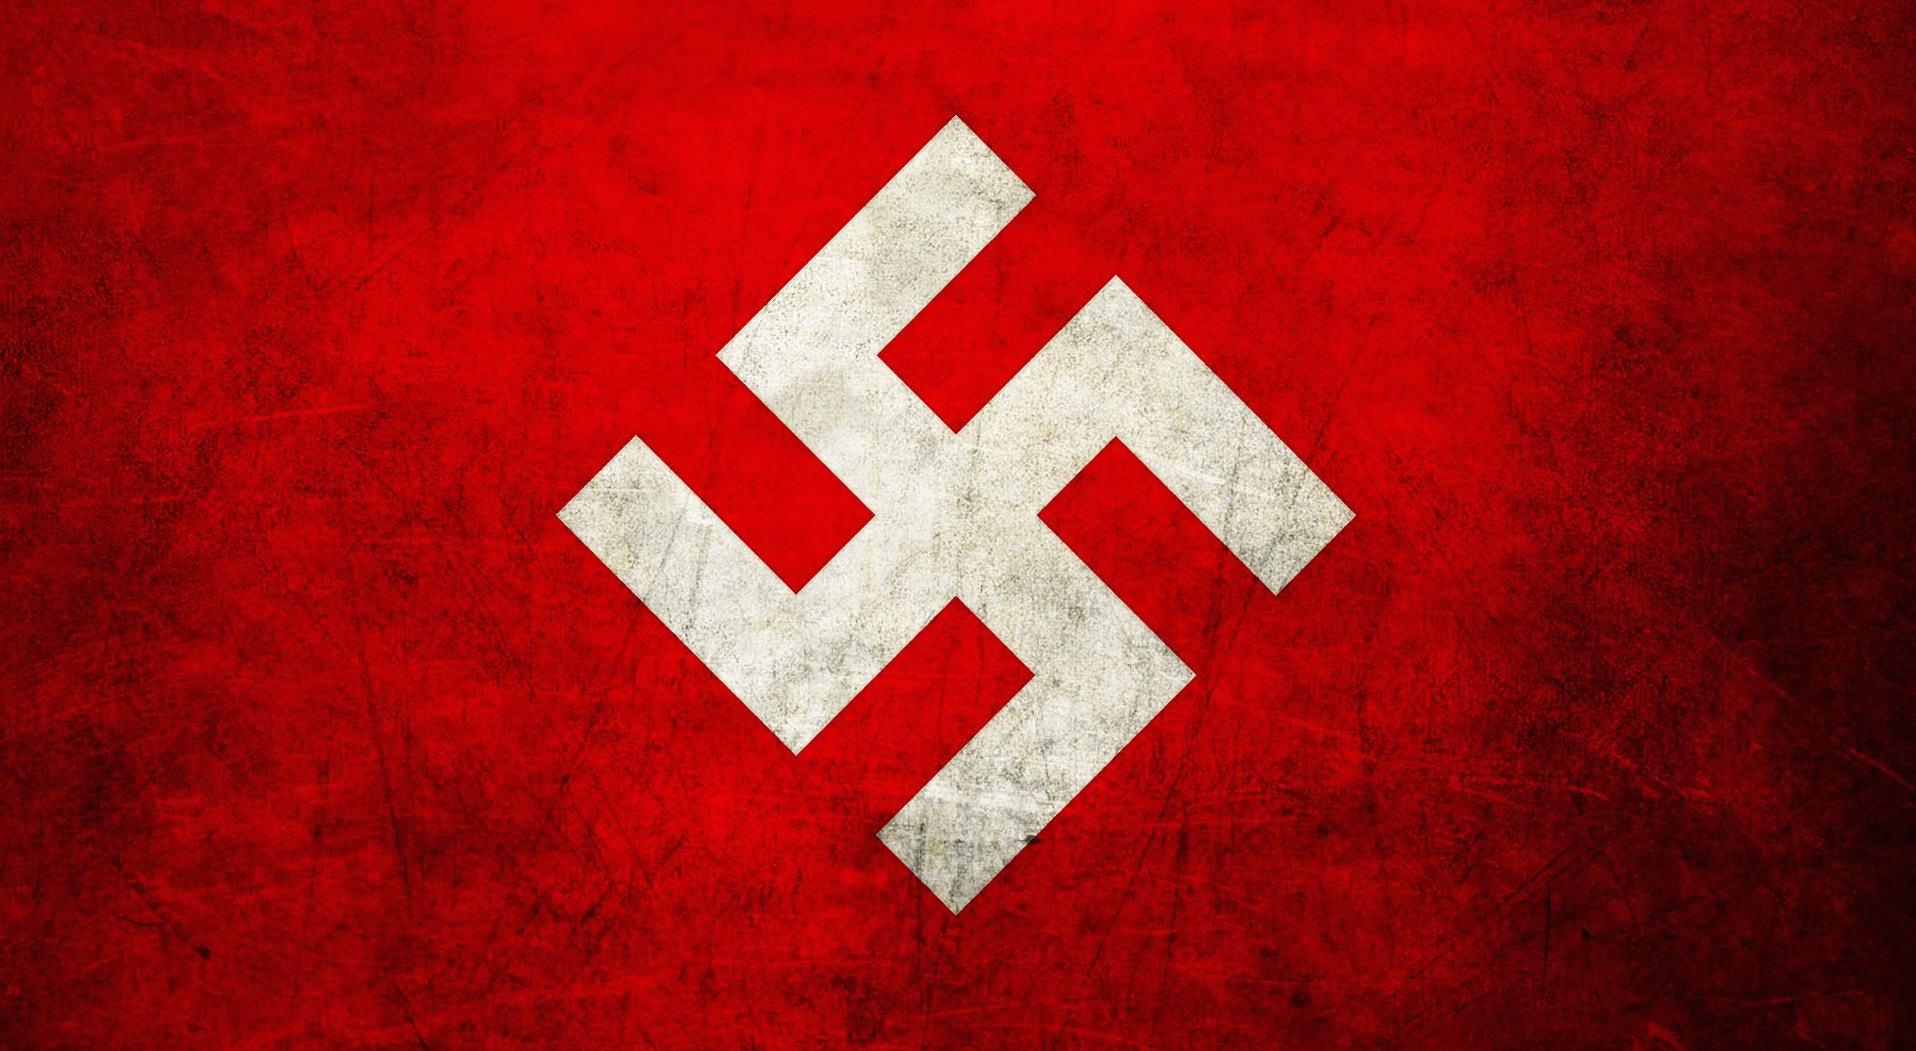 Le Avventure della F.I.G.A. – 1944, La Bomba Atomica dei Nazisti (Parte II)